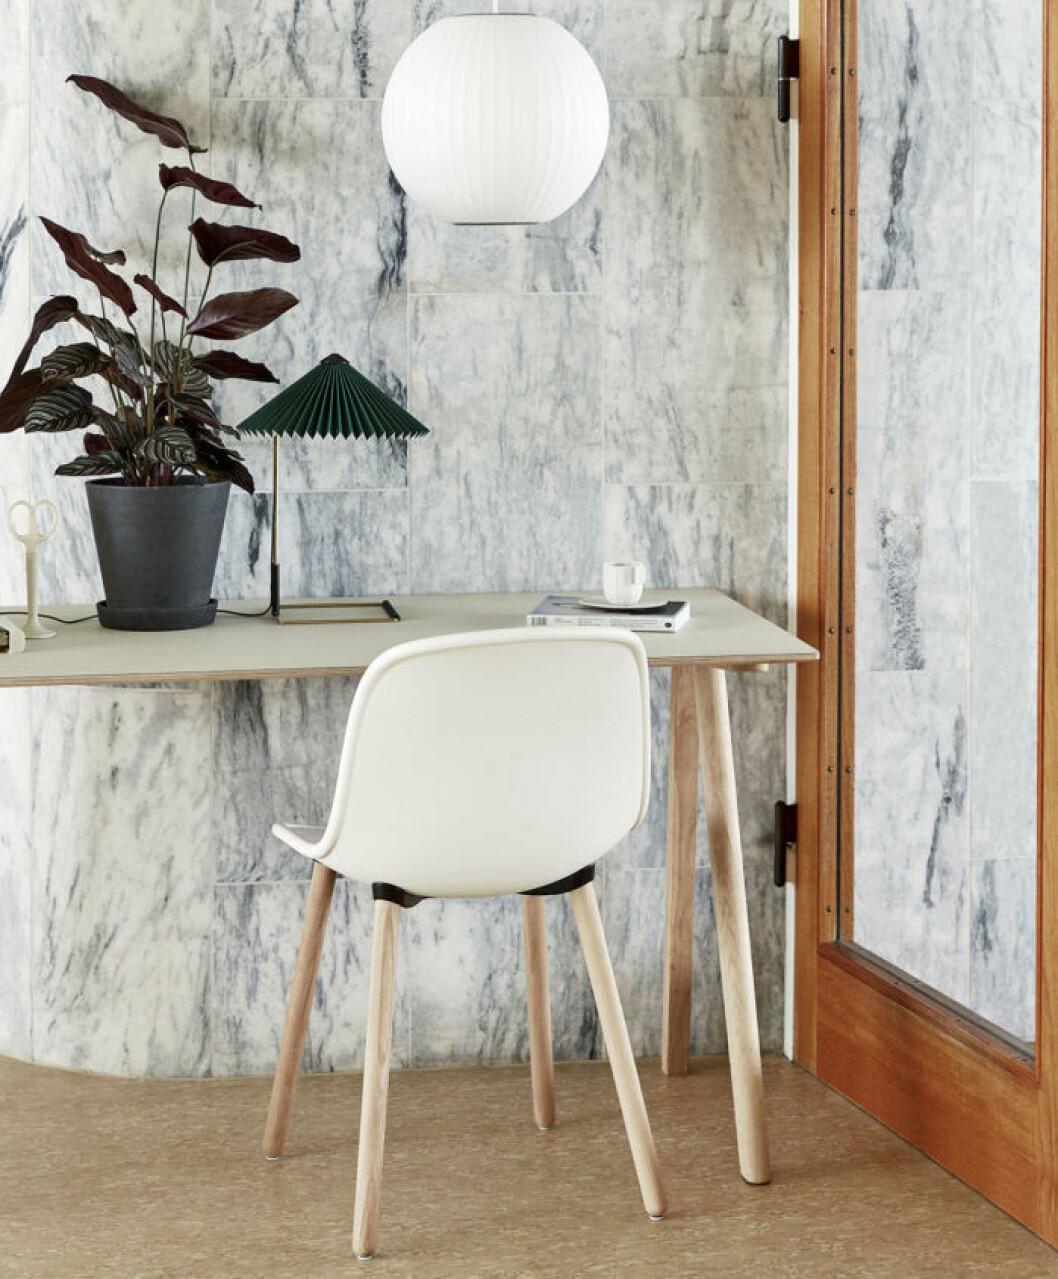 Skrivbordsstol och lampor från Hays nya kollektion